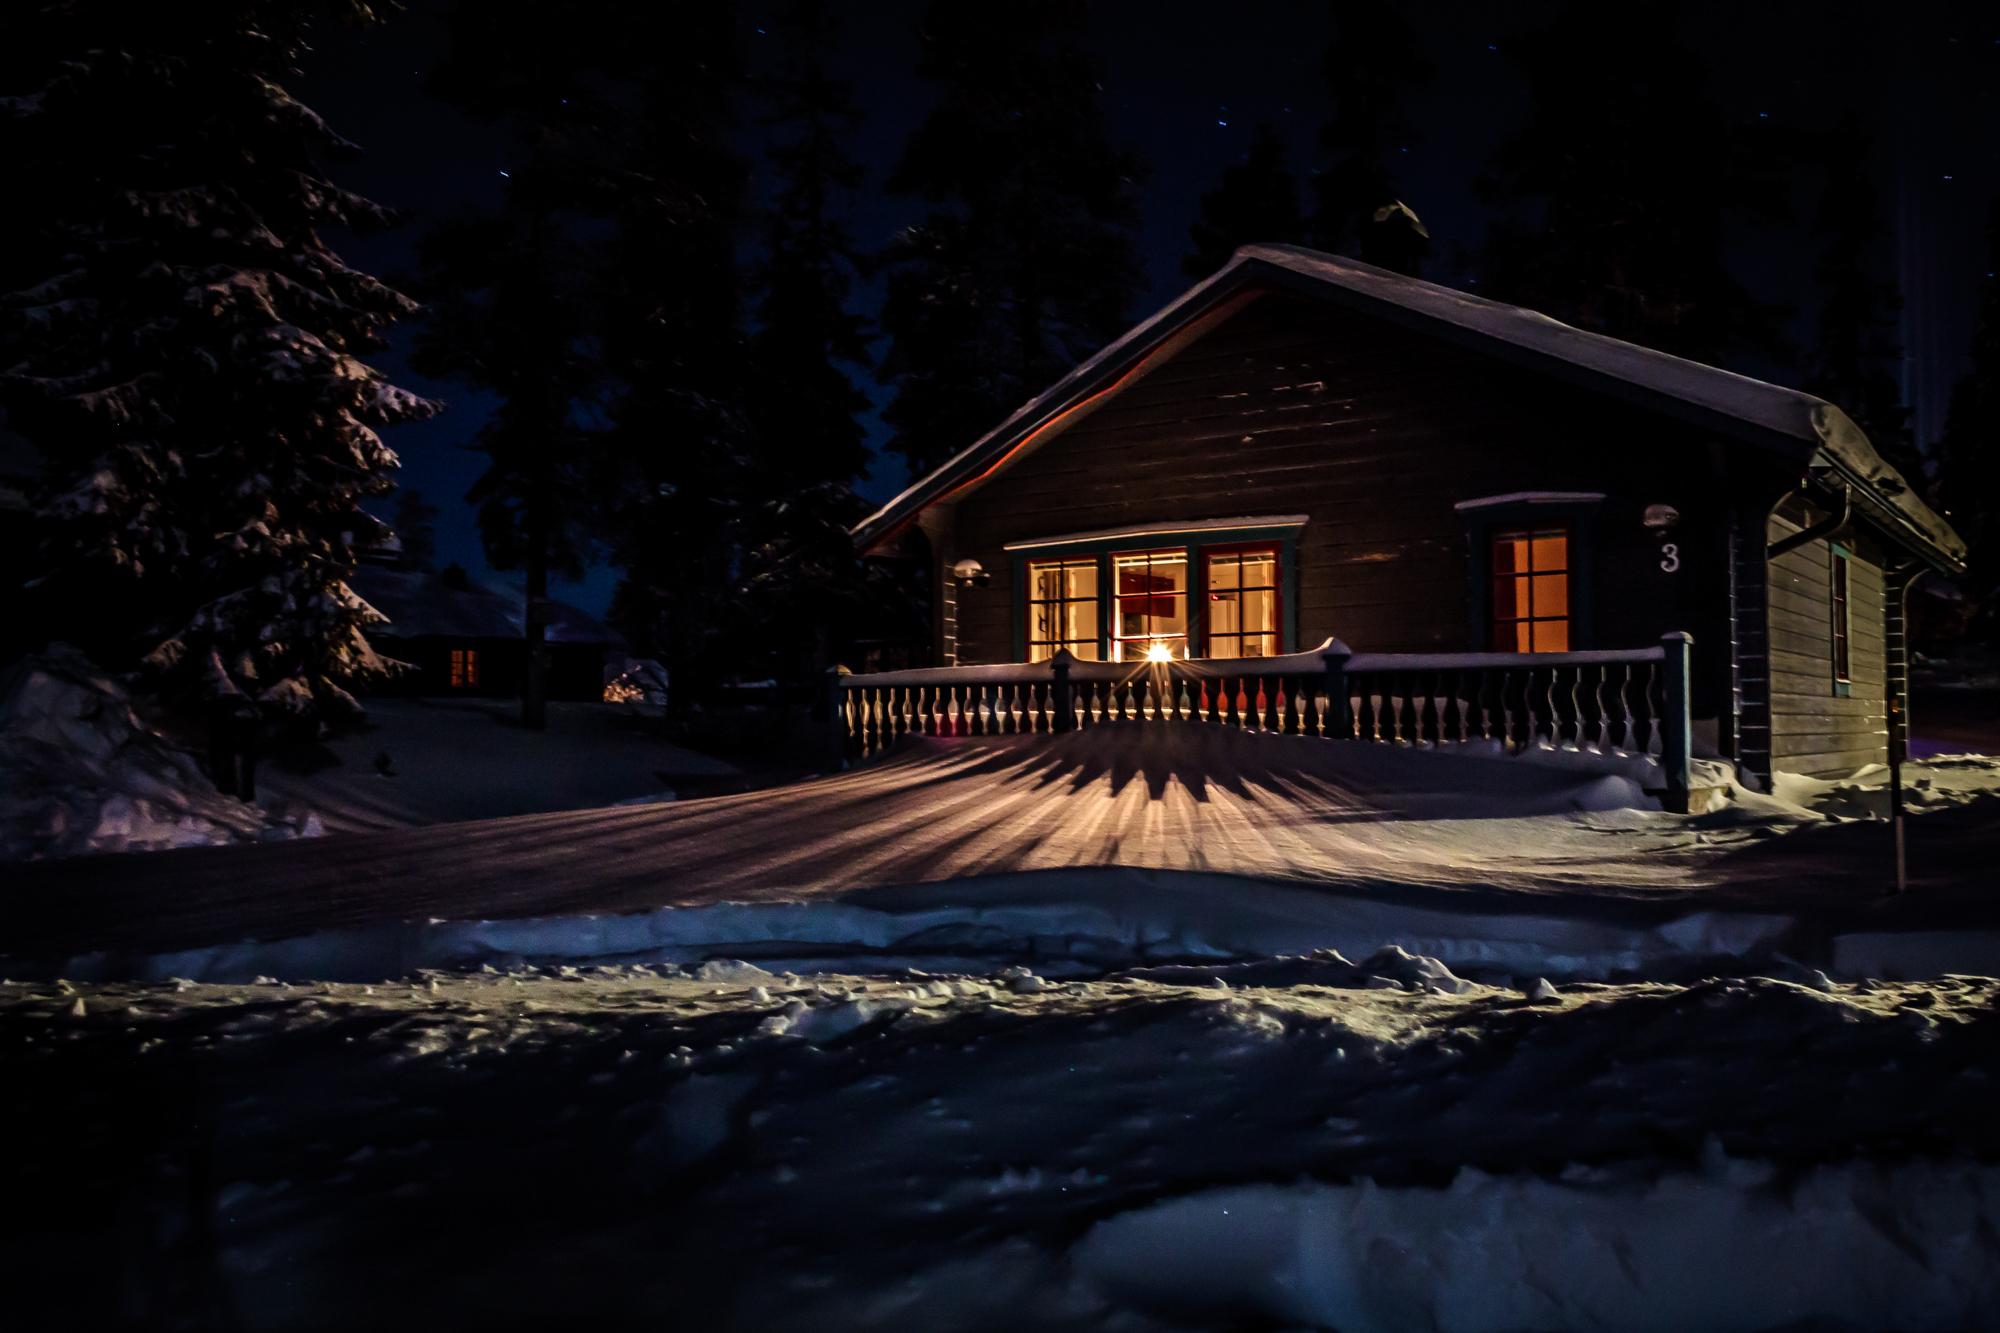 Case Di Montagna A Natale : Sfondi notte la neve inverno casa sera chiaro di luna